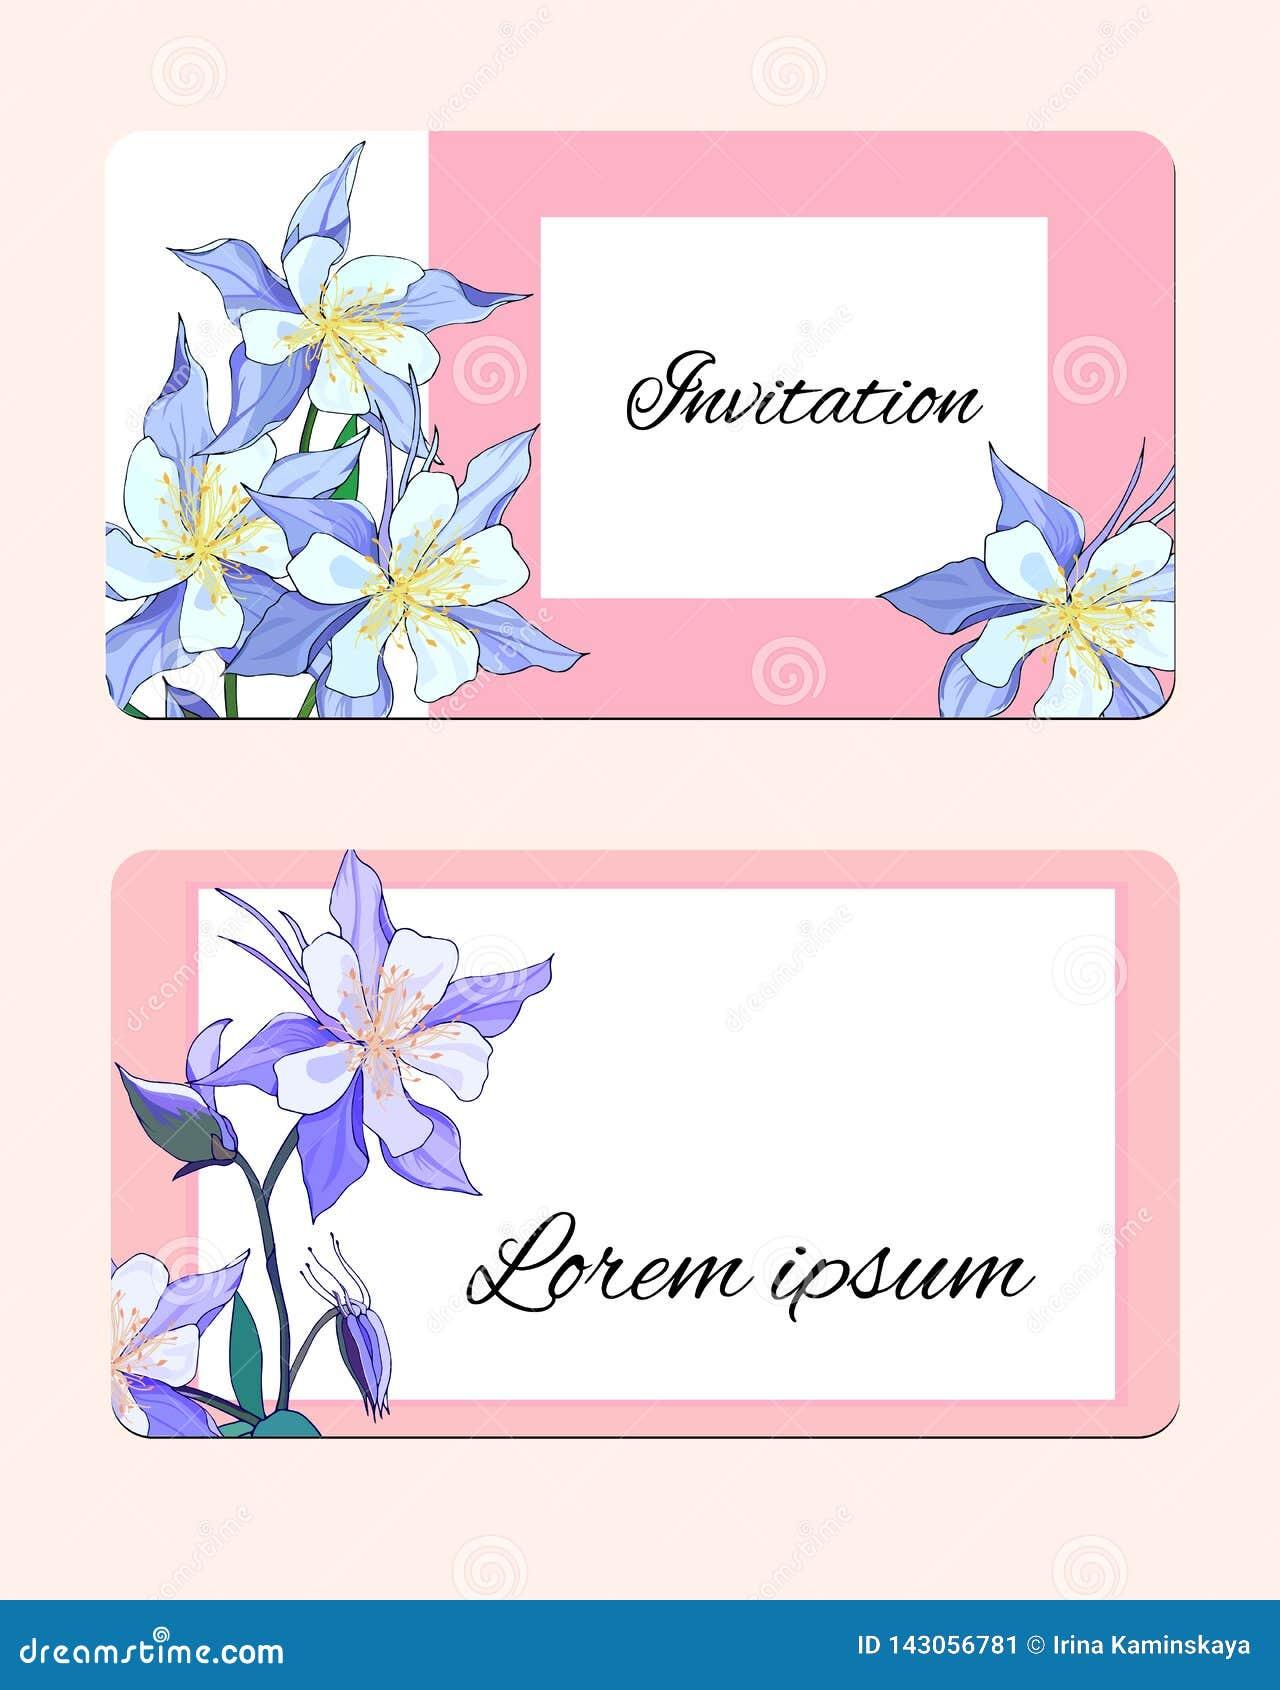 Vårkort med delikata blommor Vektorillustration av rosa och vita blommor